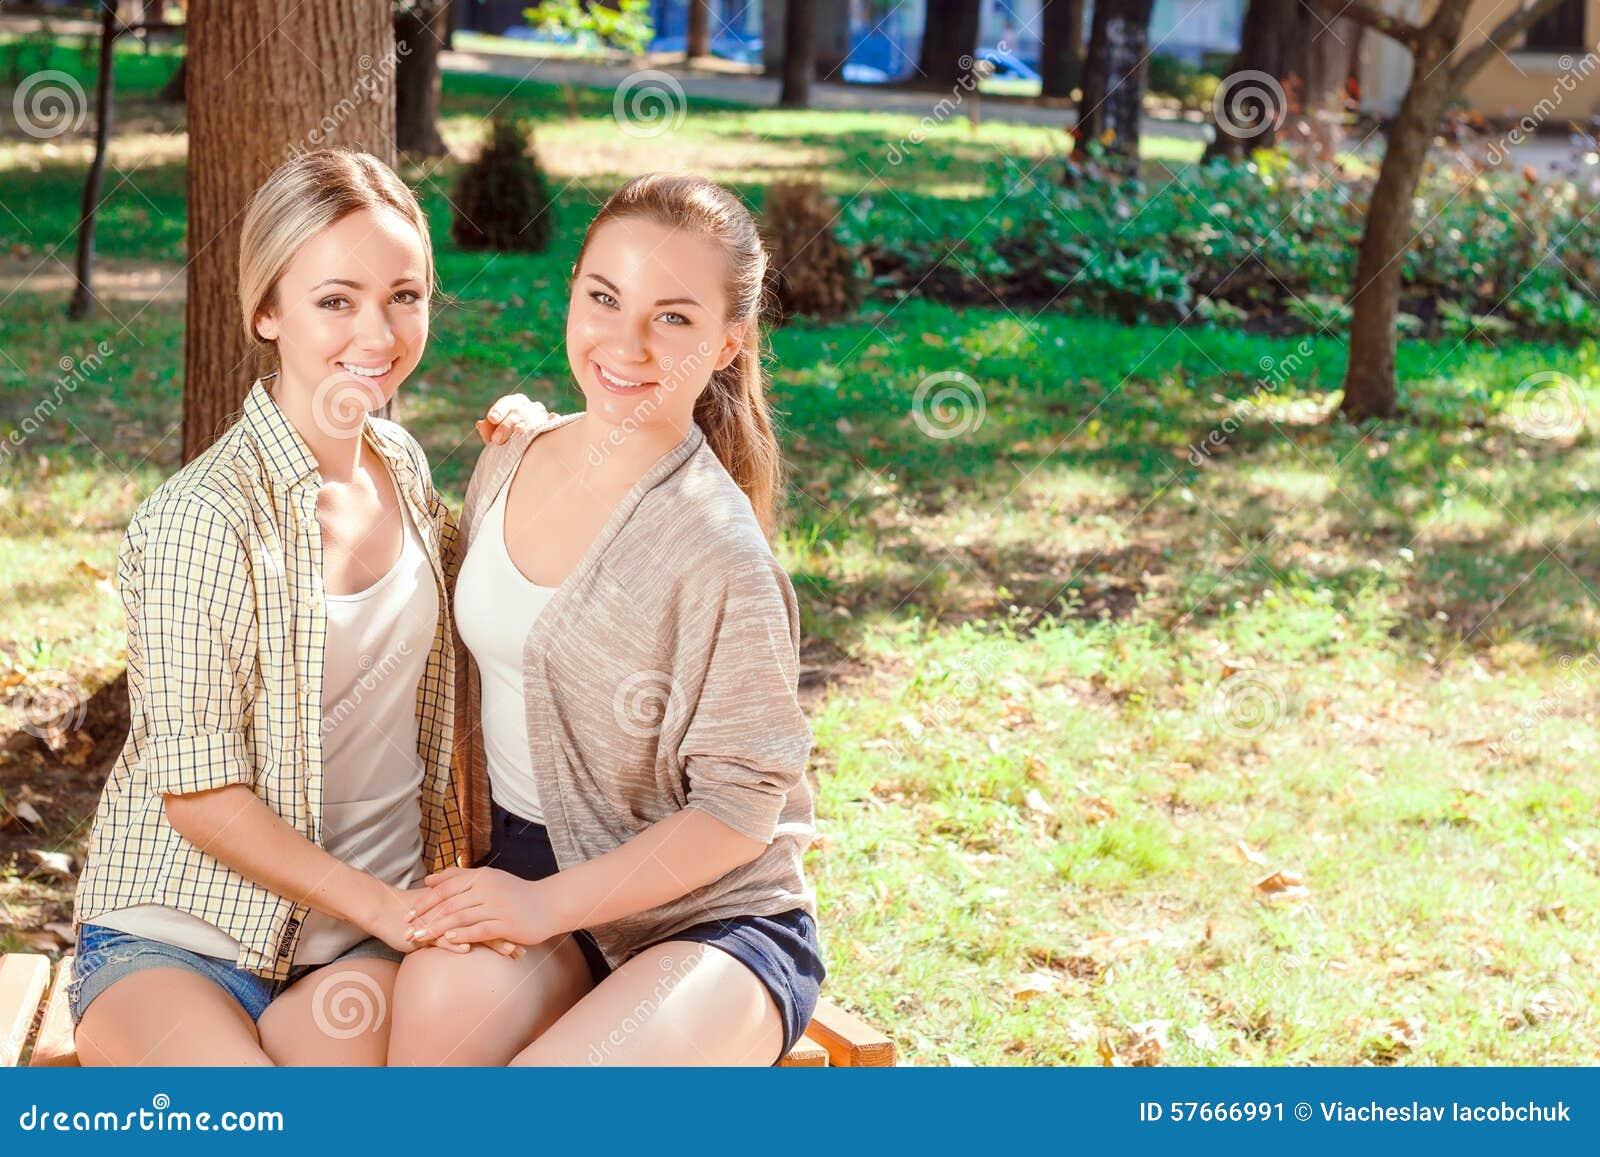 Dwa ładnej dziewczyny siedzi w parku